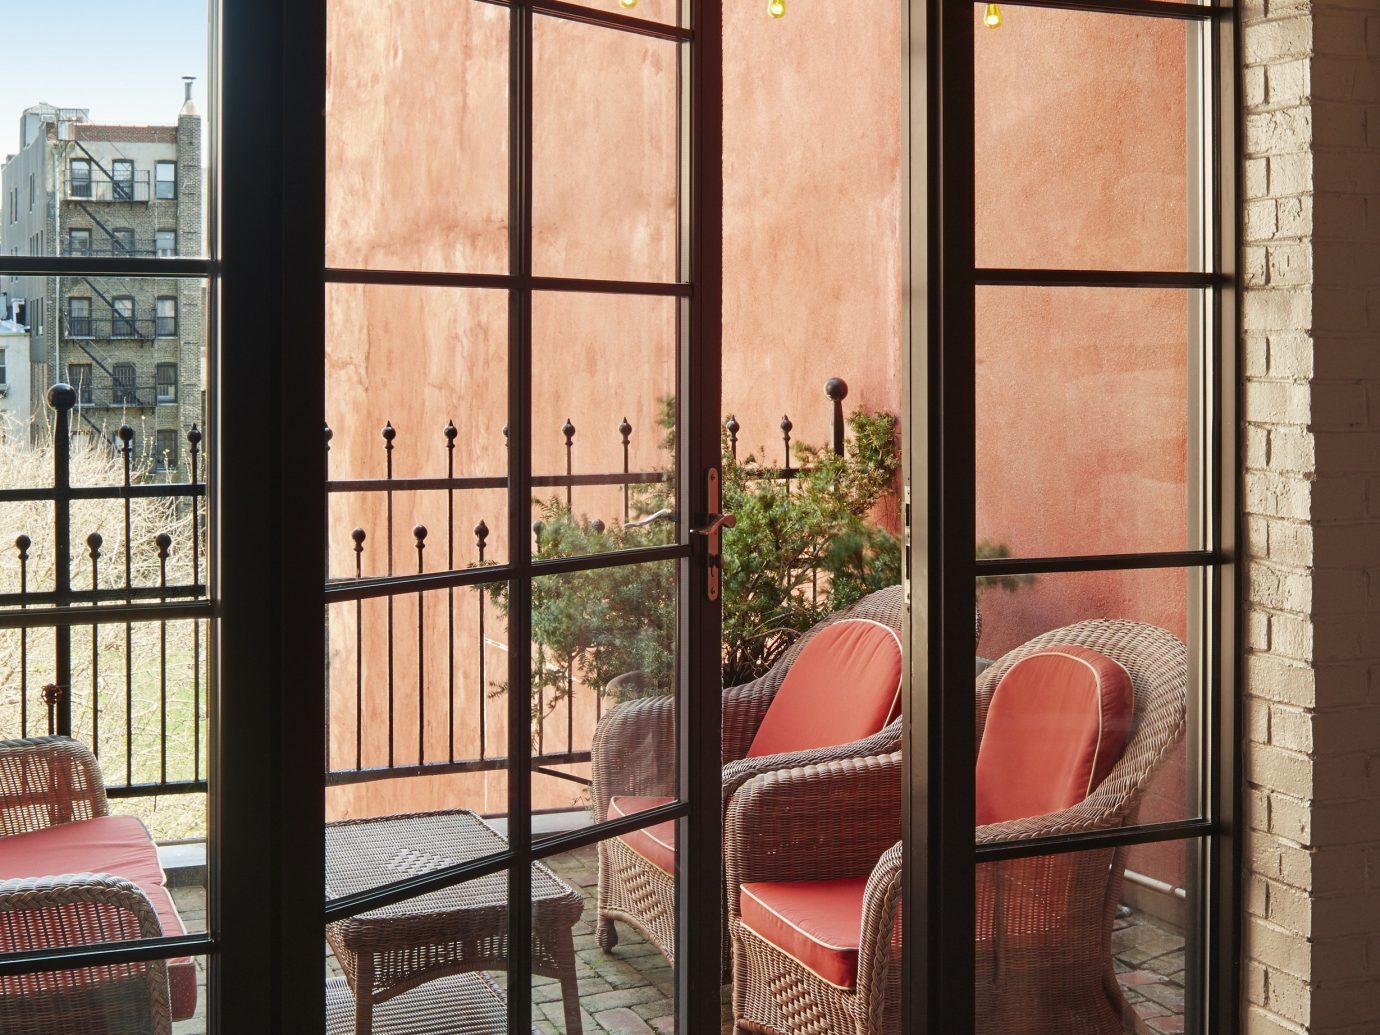 Celebs Hotels Trip Ideas building door window glass interior design home door facade area